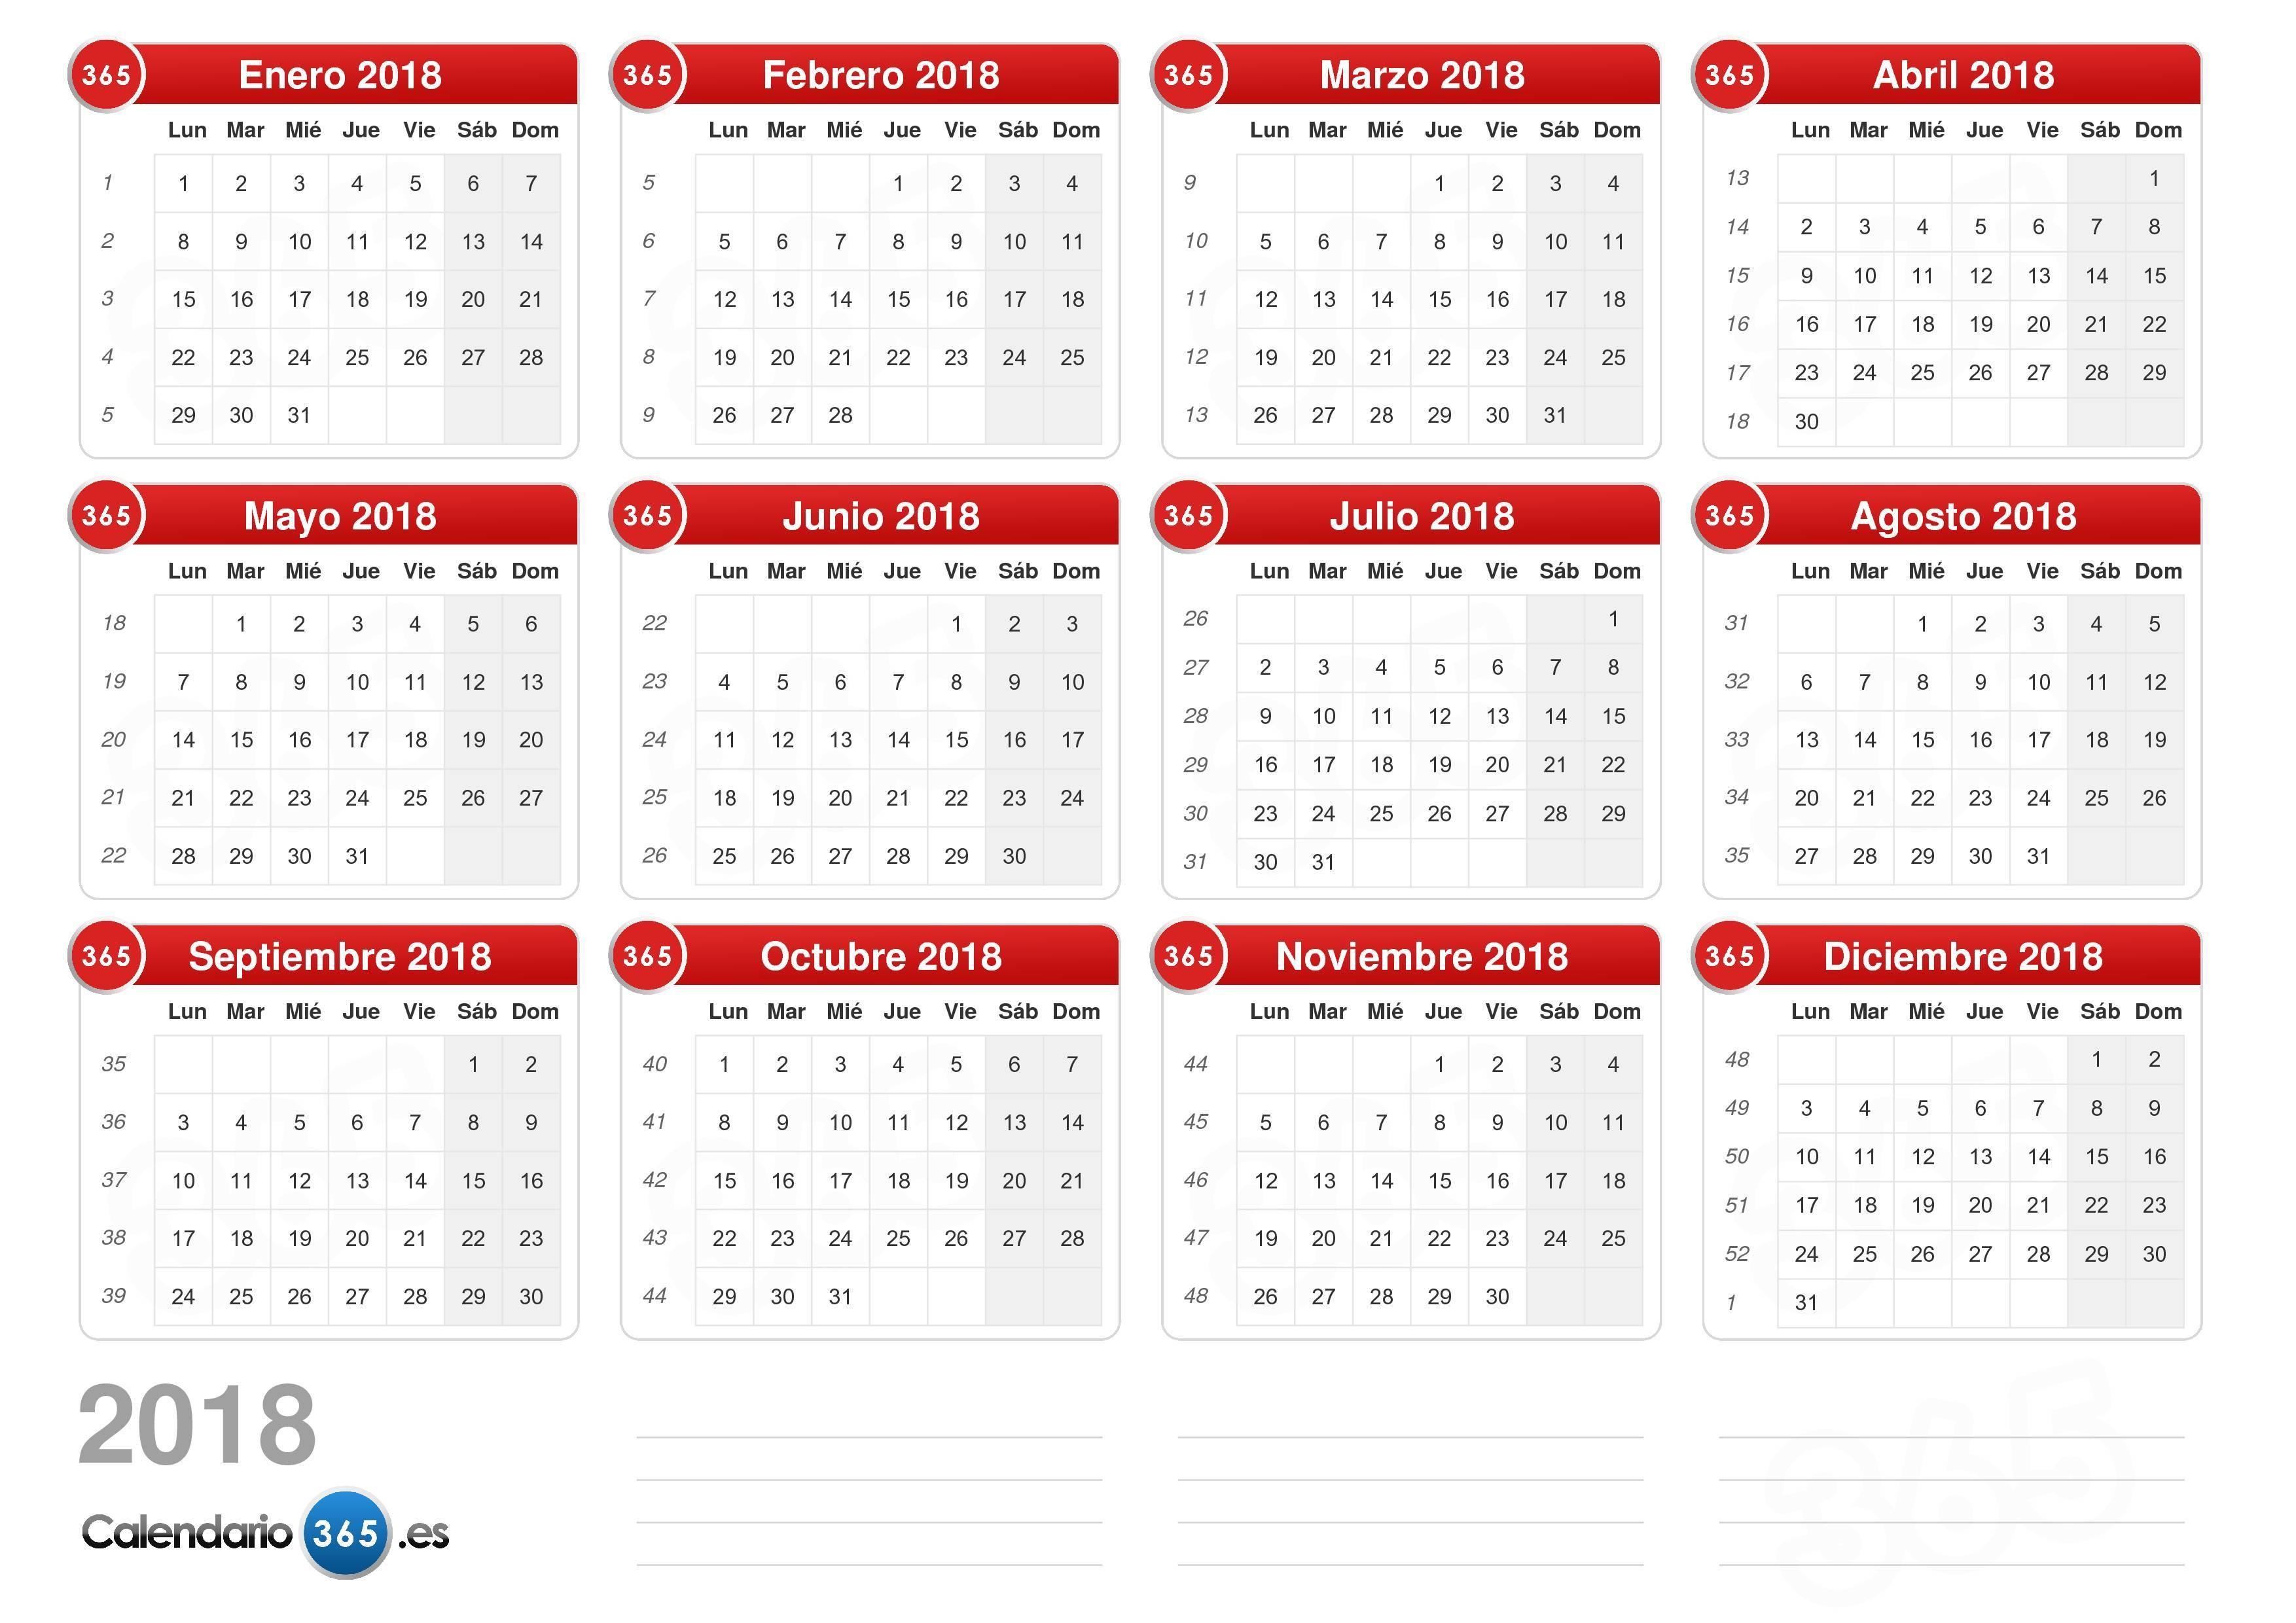 Calendario 2018 v2